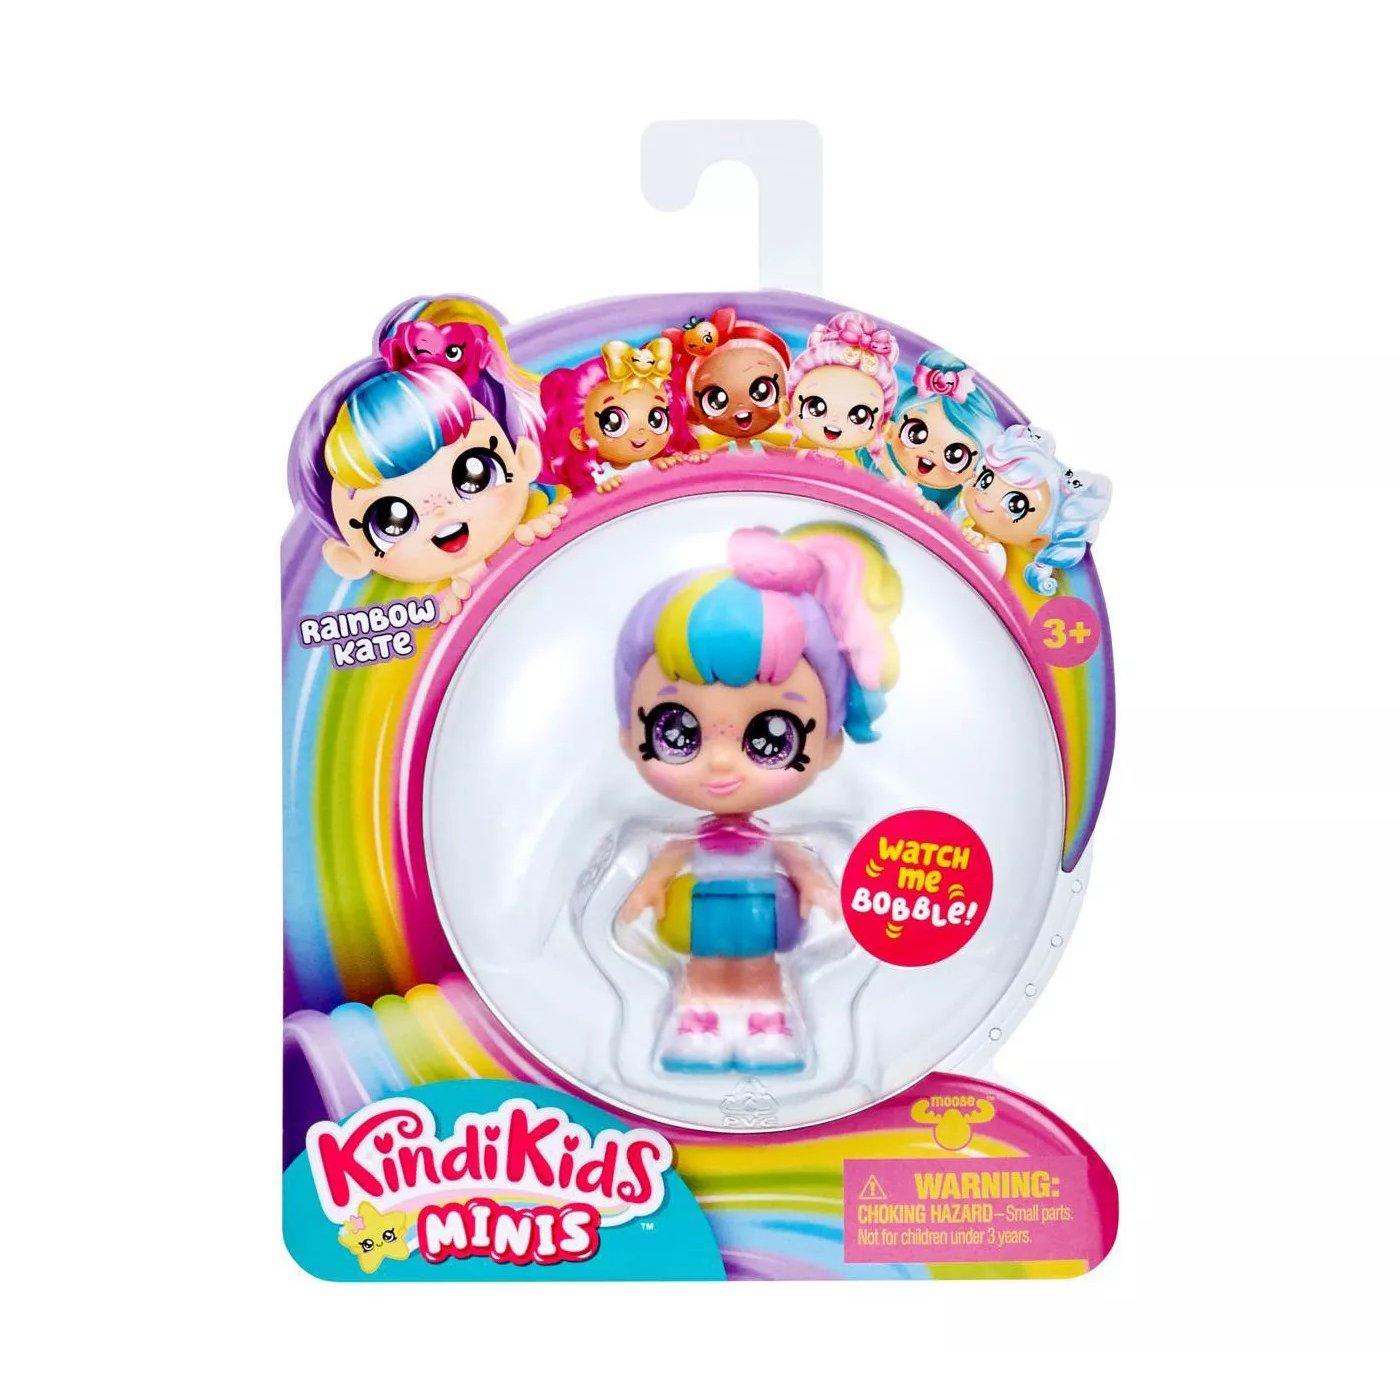 Kindi Kids Minis 娃娃 Rainbow Kate